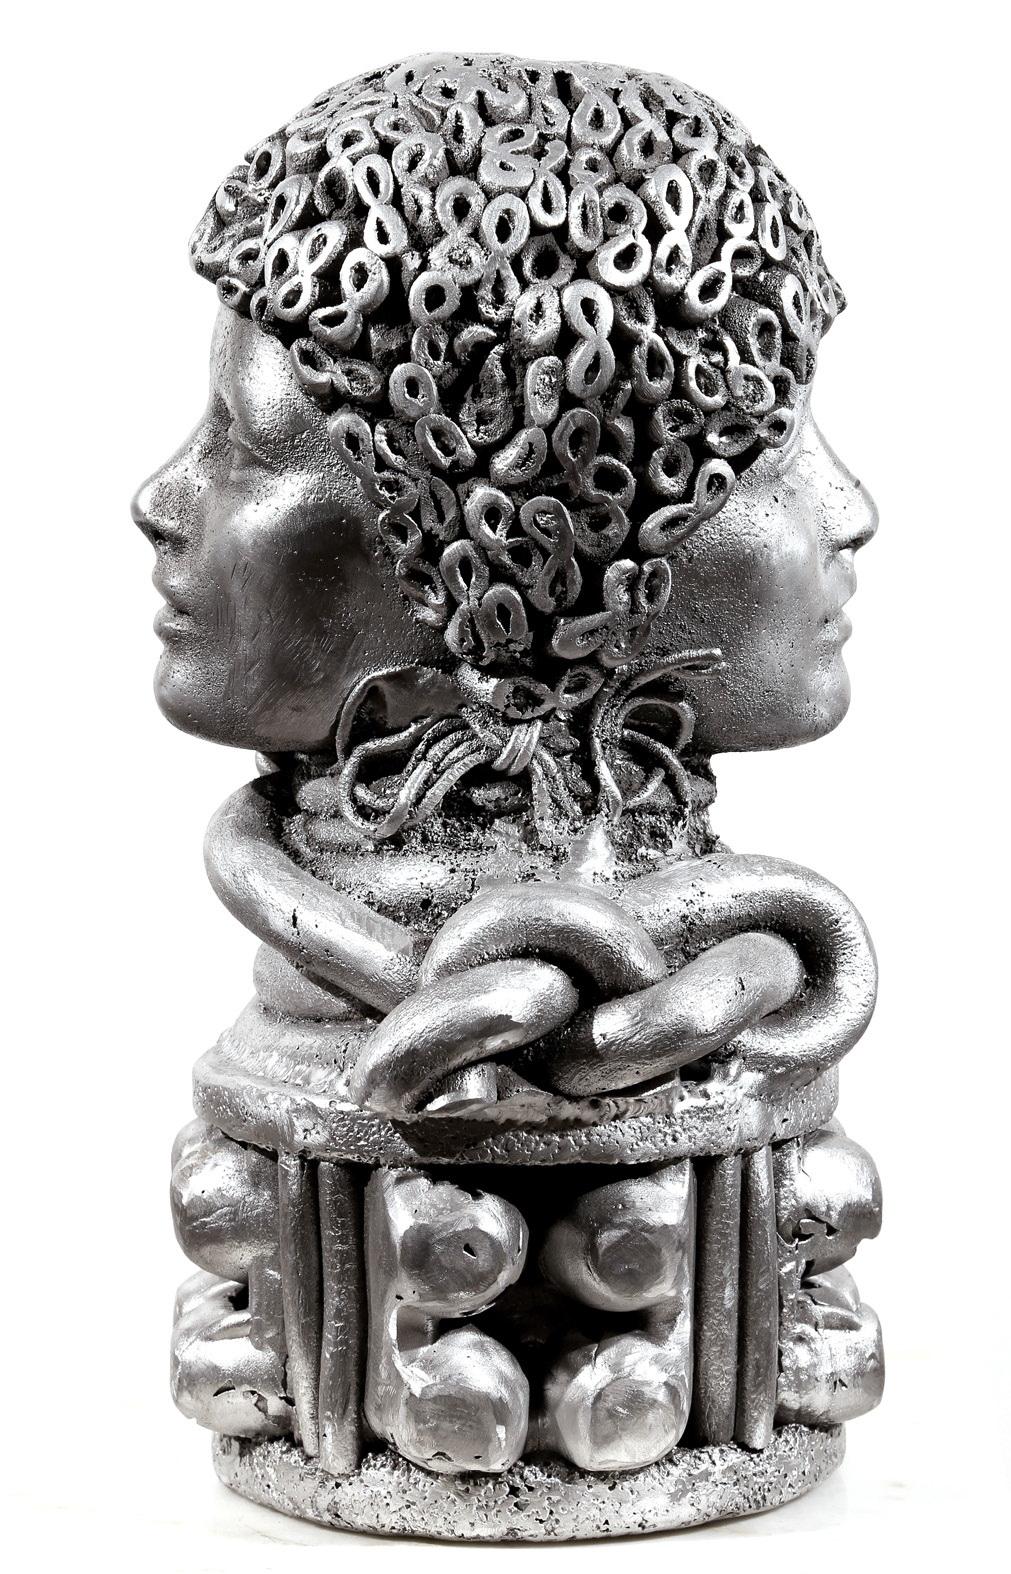 Sculptor Hantz: Fine Art Sculpture as a Philosophy